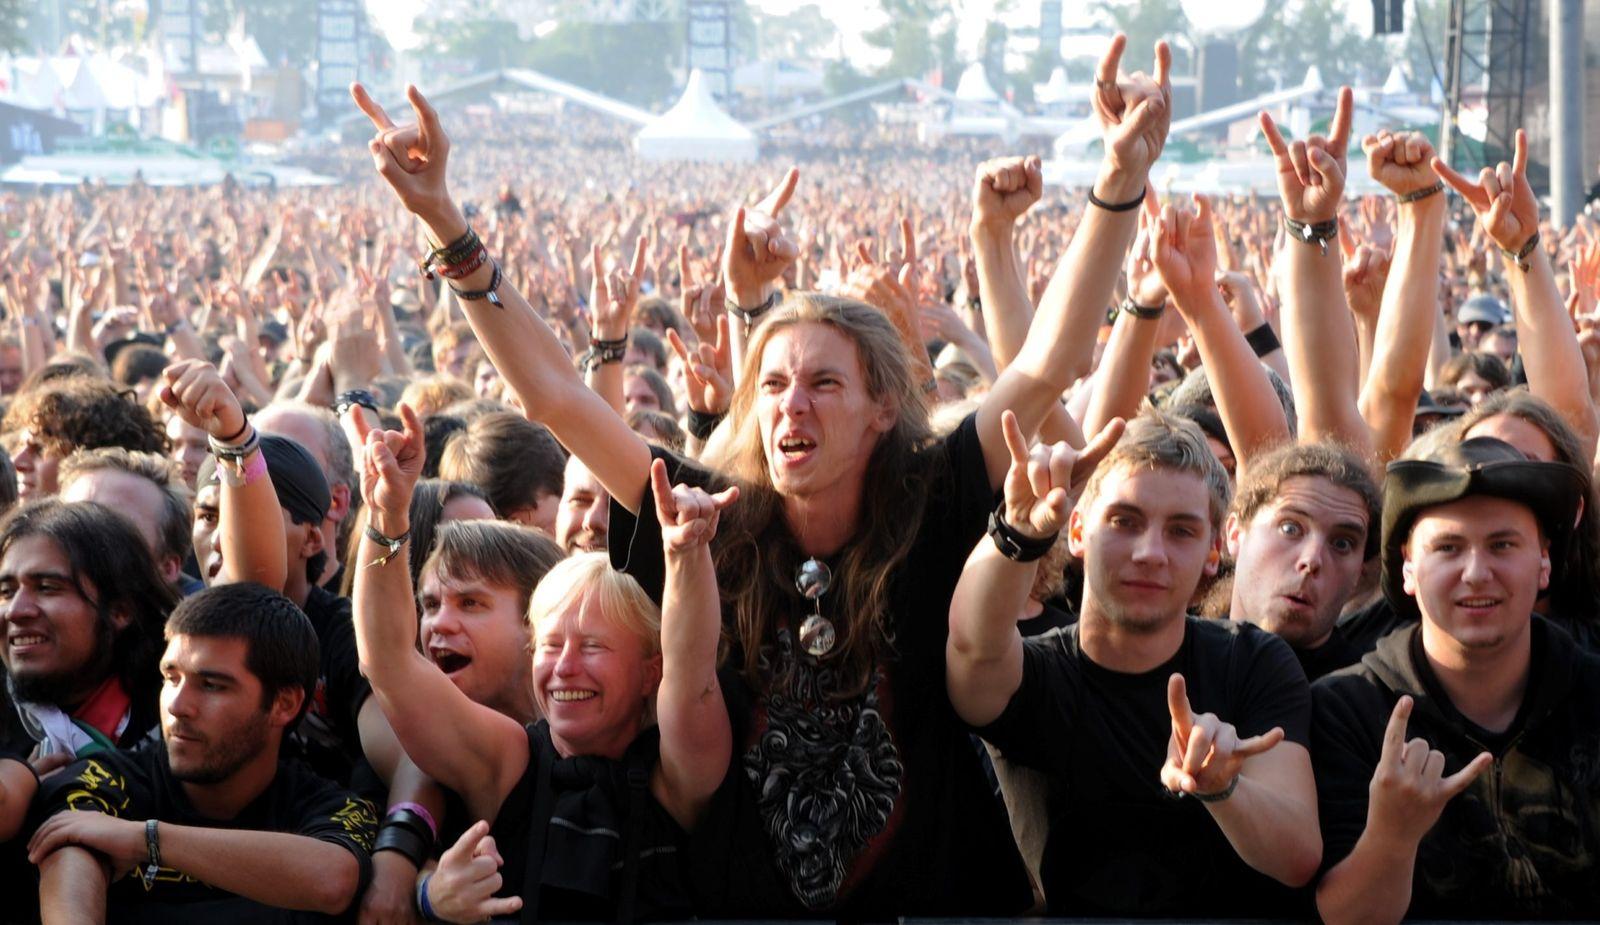 Metal Fans Wacken